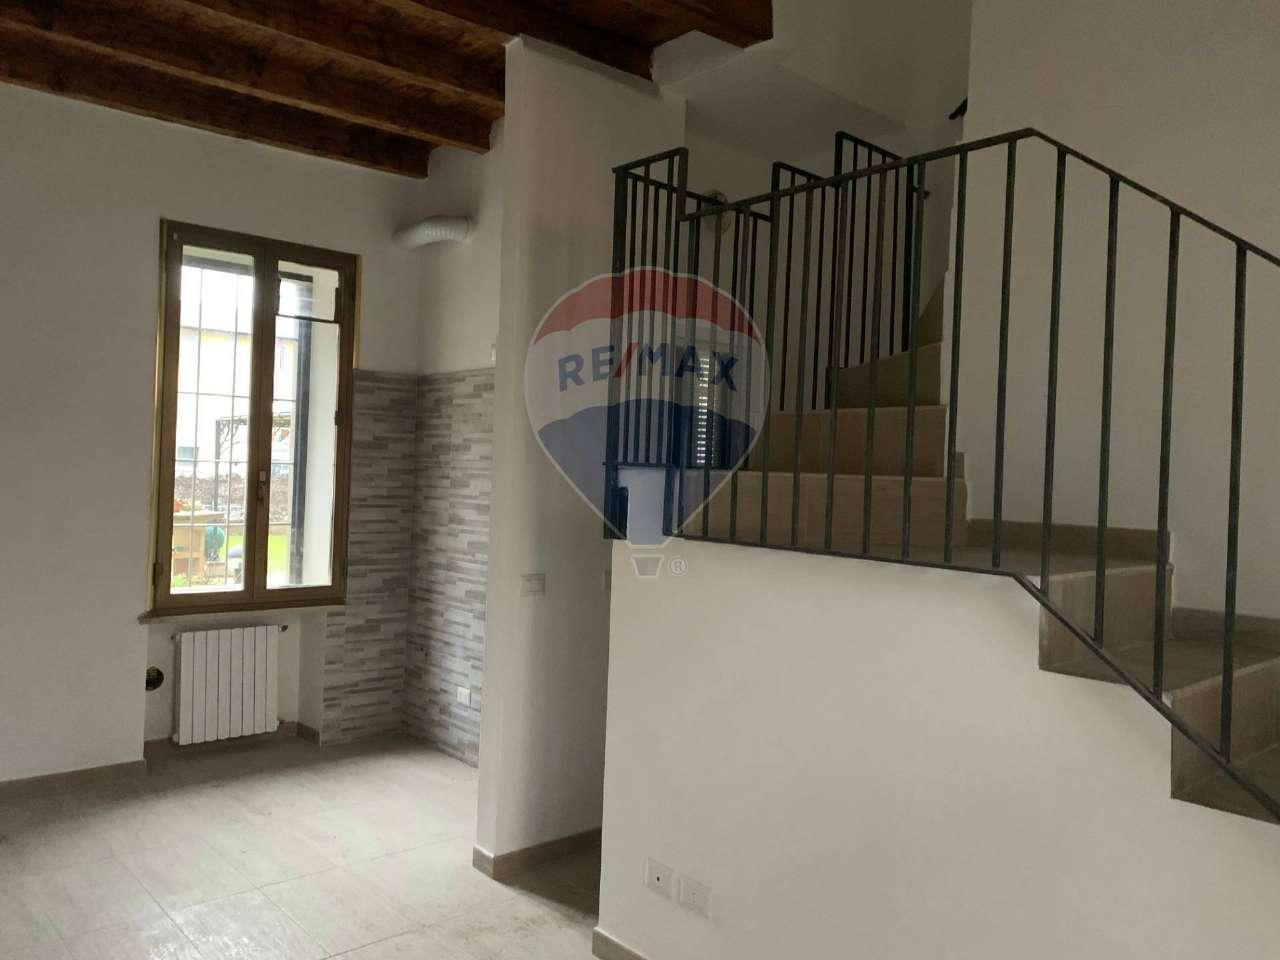 Soluzione Indipendente in vendita a Presezzo, 3 locali, prezzo € 89.000 | PortaleAgenzieImmobiliari.it